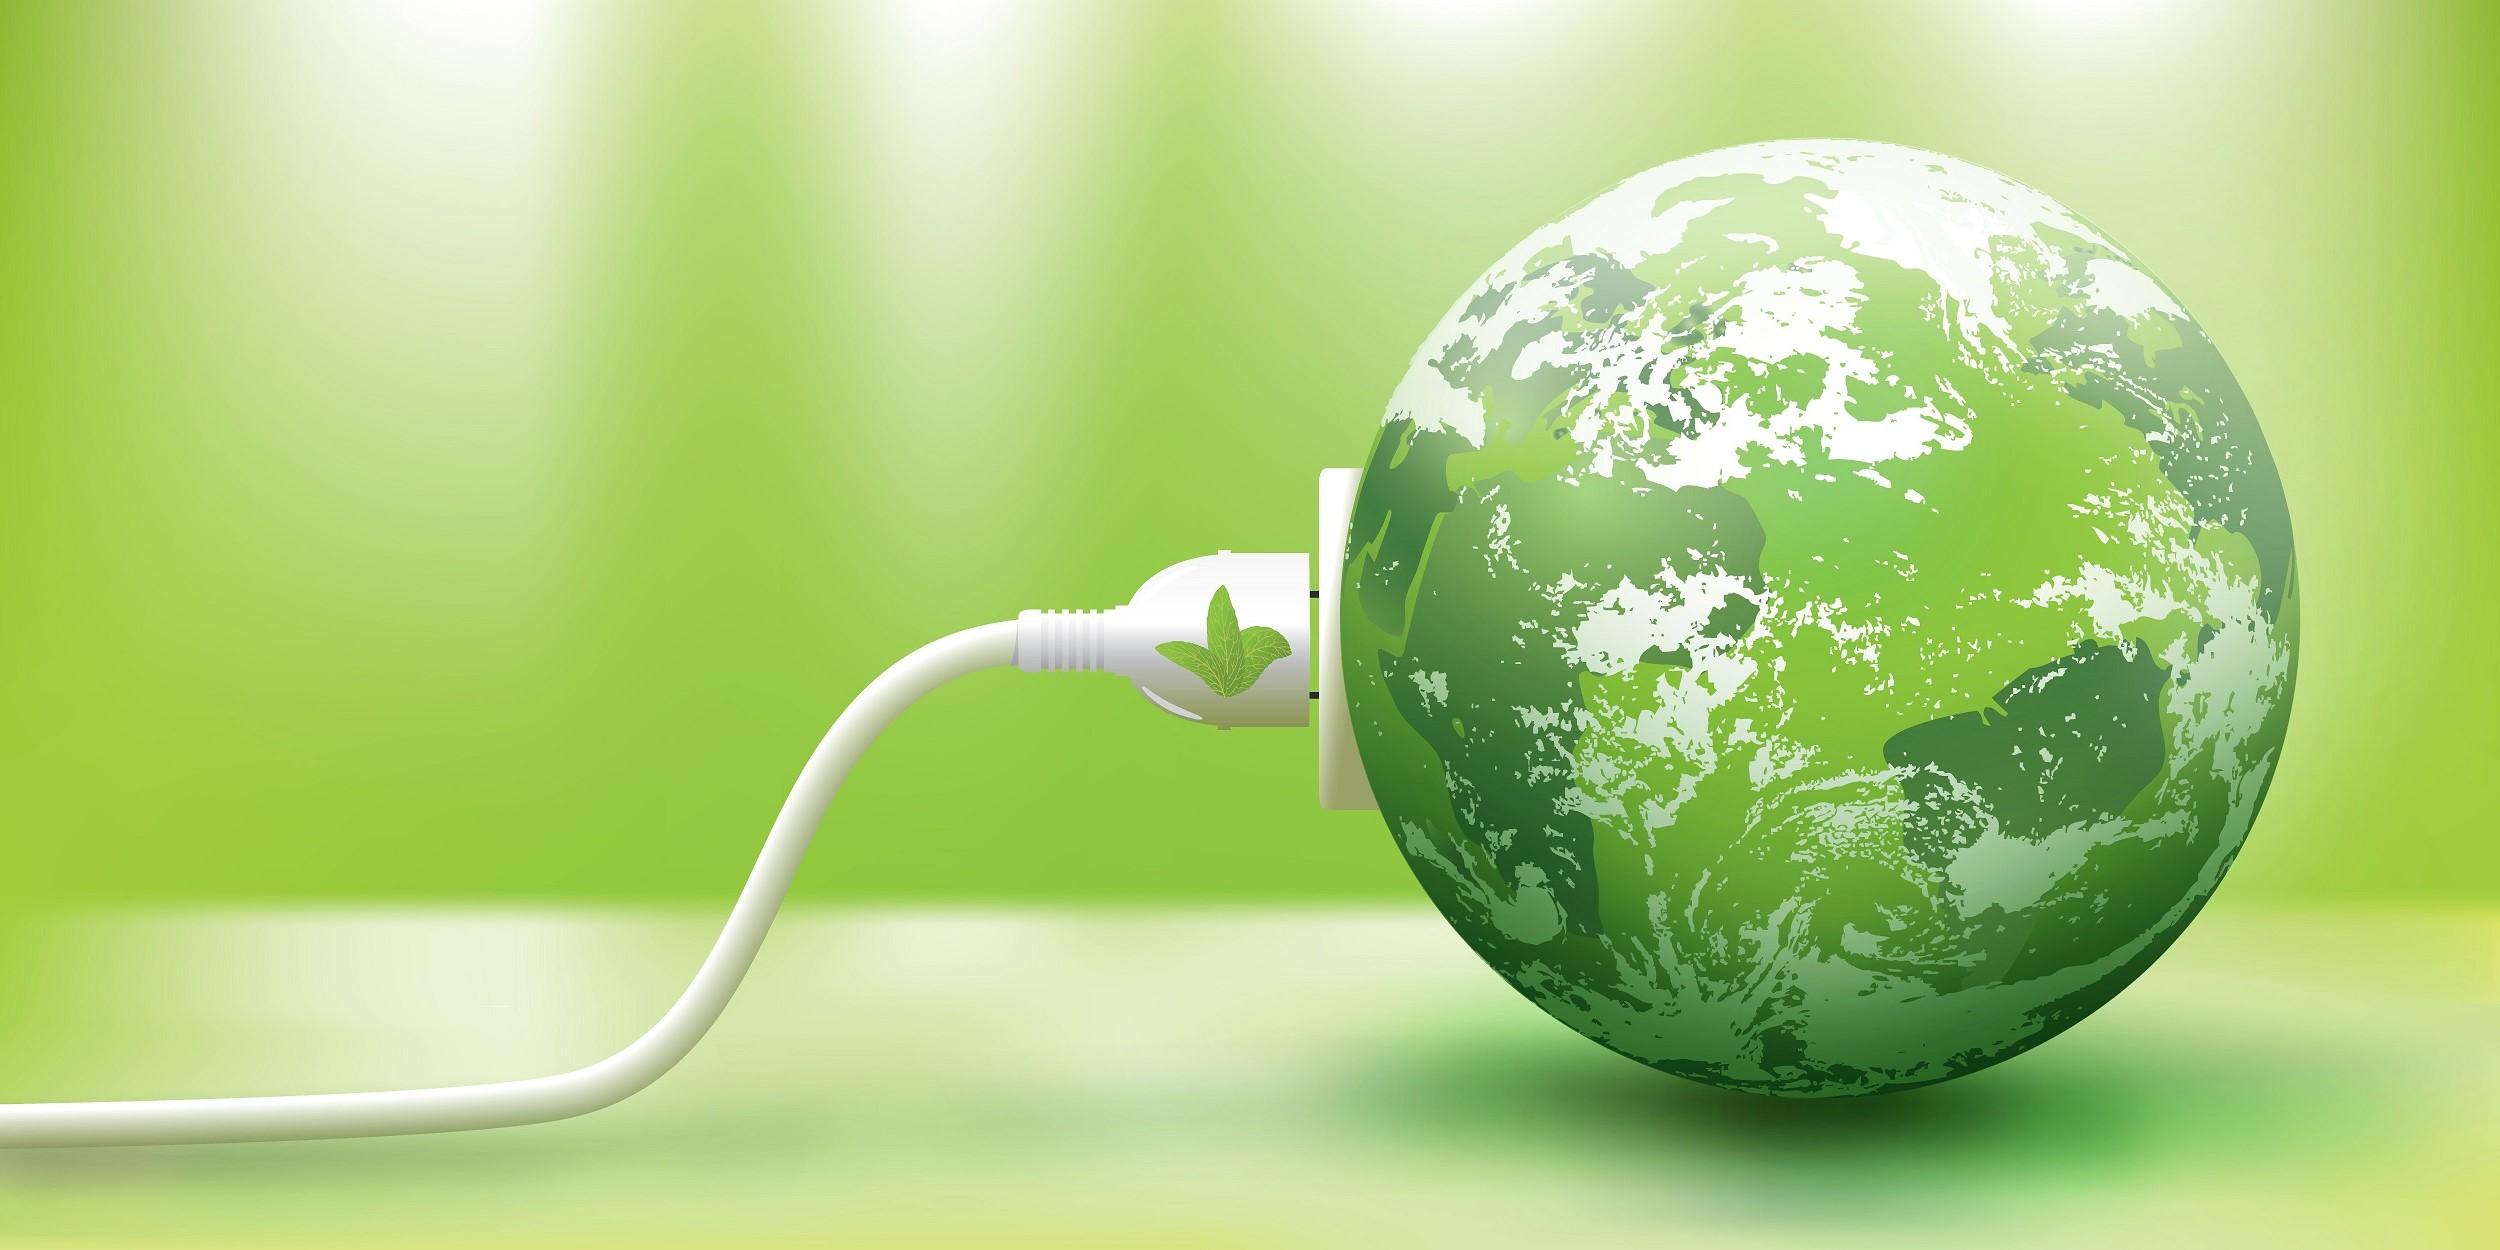 Più potenza e meno consumi